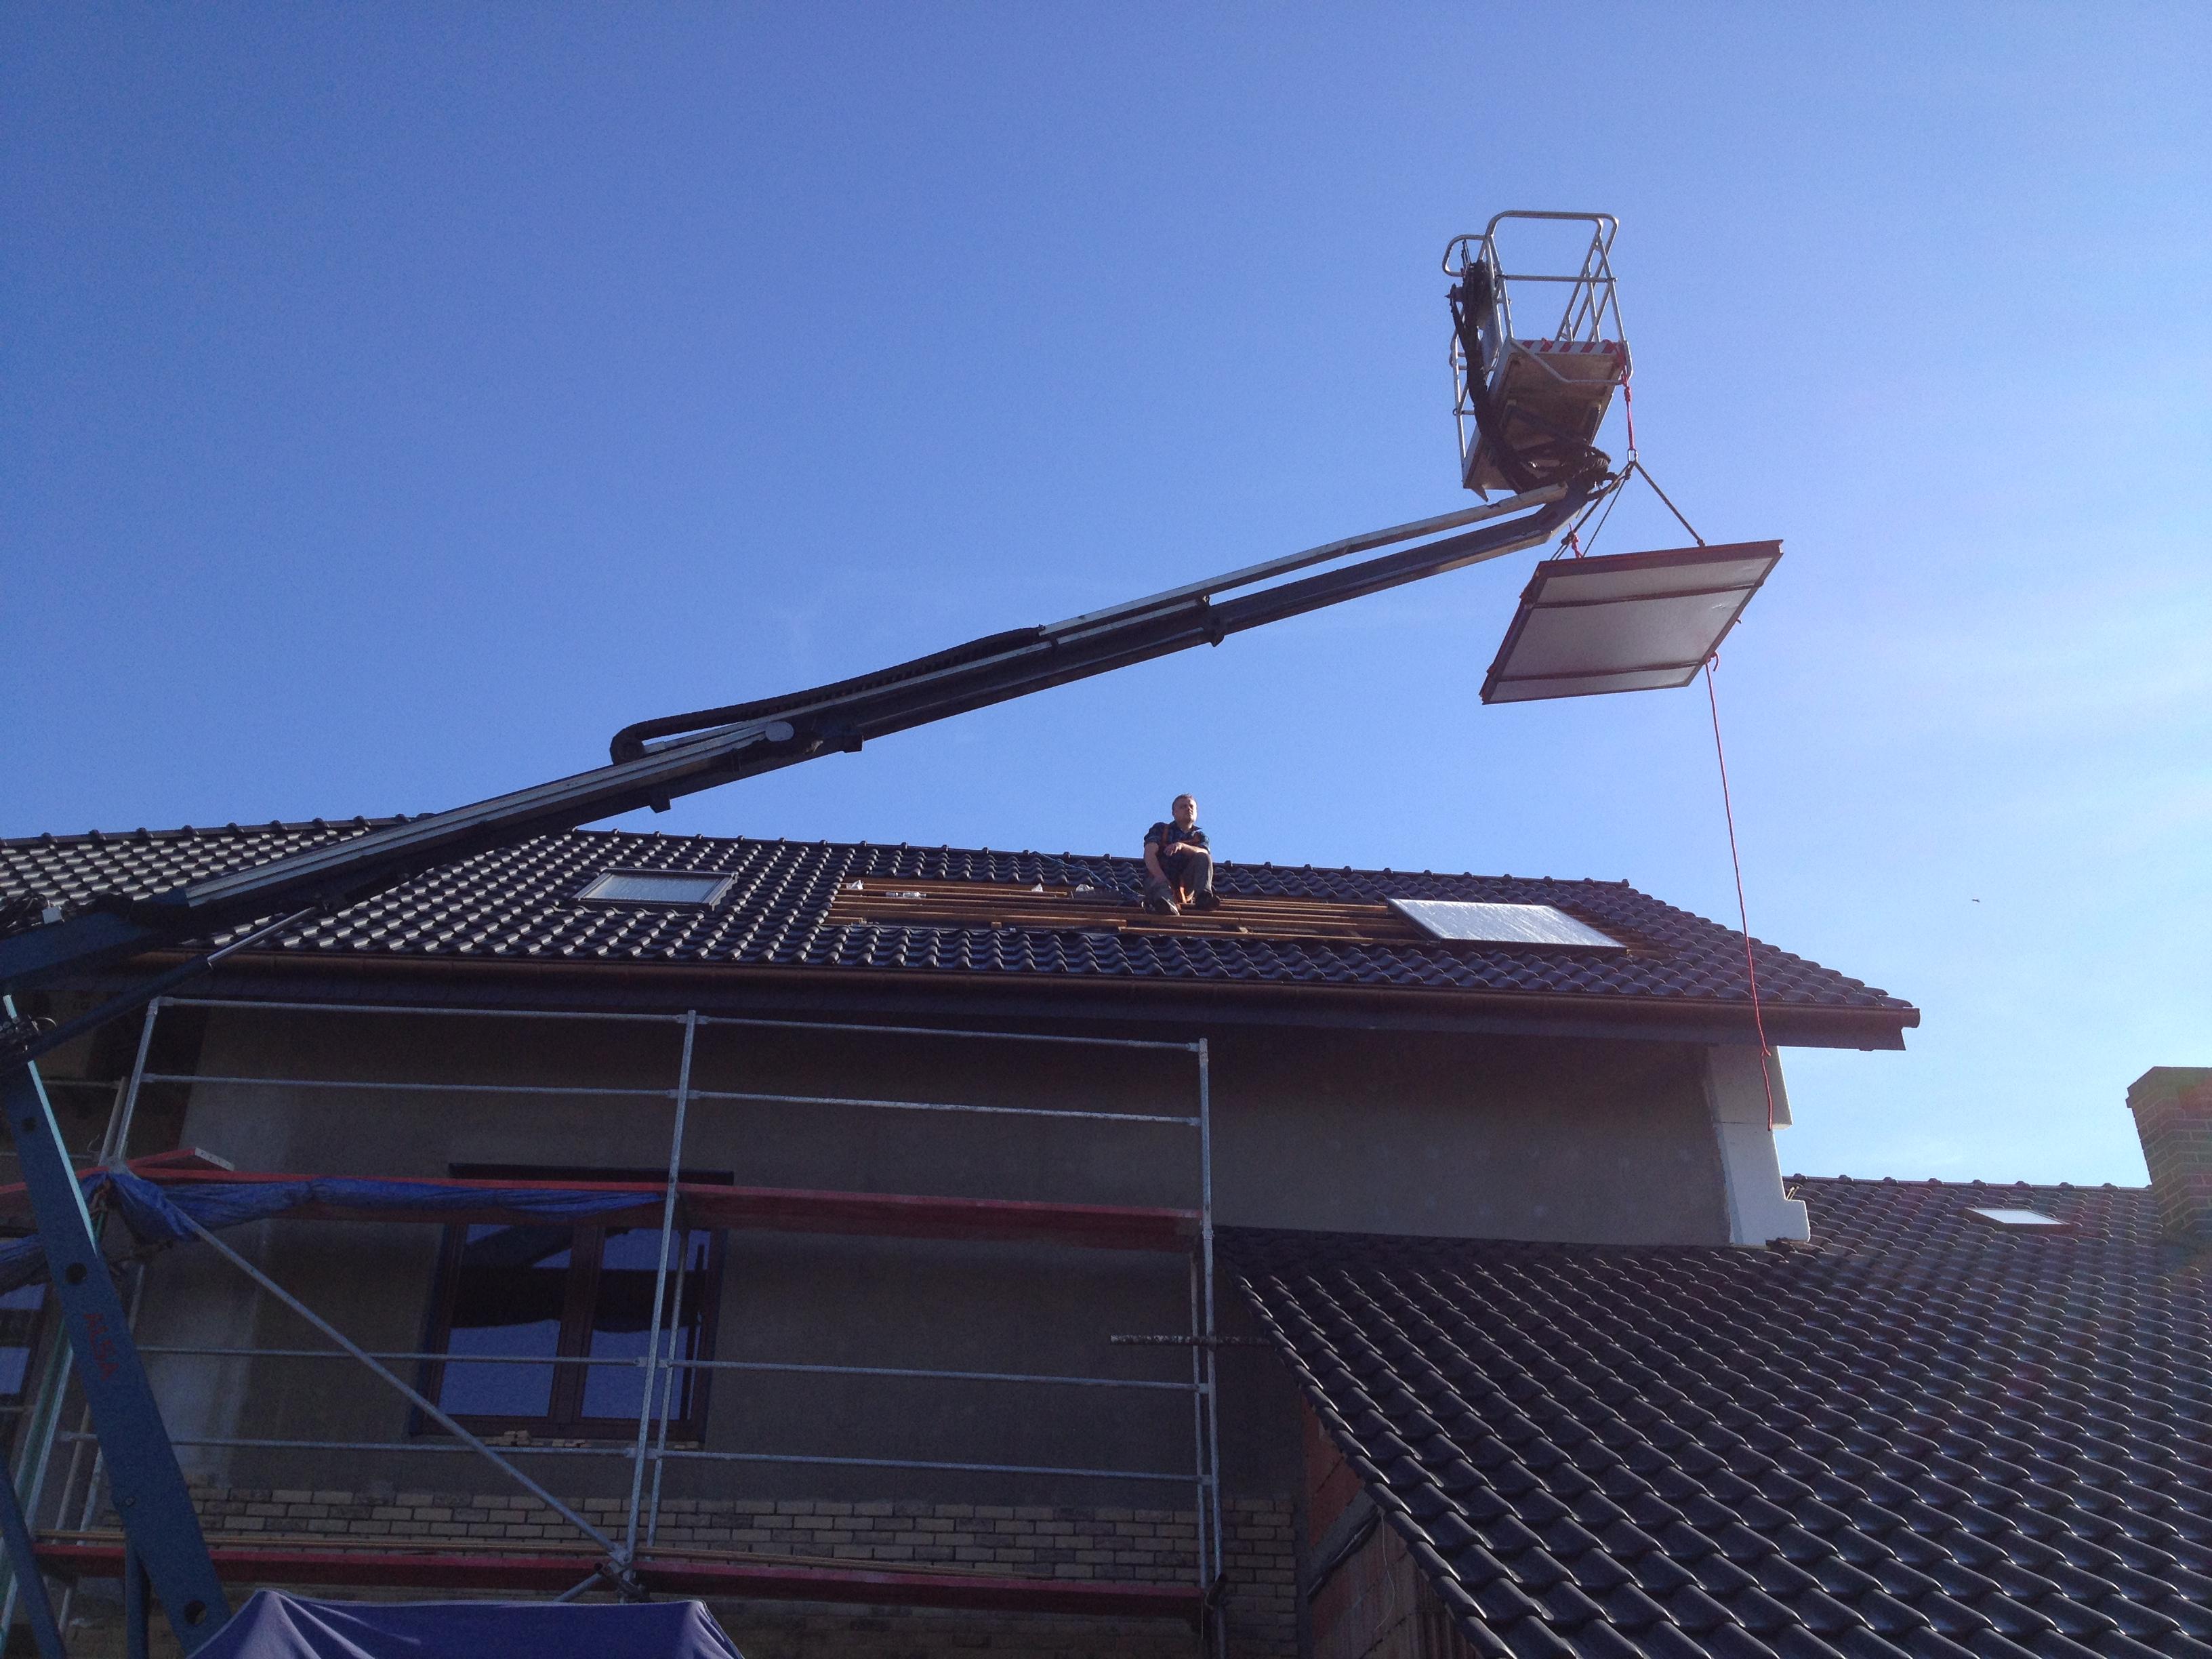 słoneczne Rotex w systemie drain back OWK czyli HVAC po polsku #0263C9